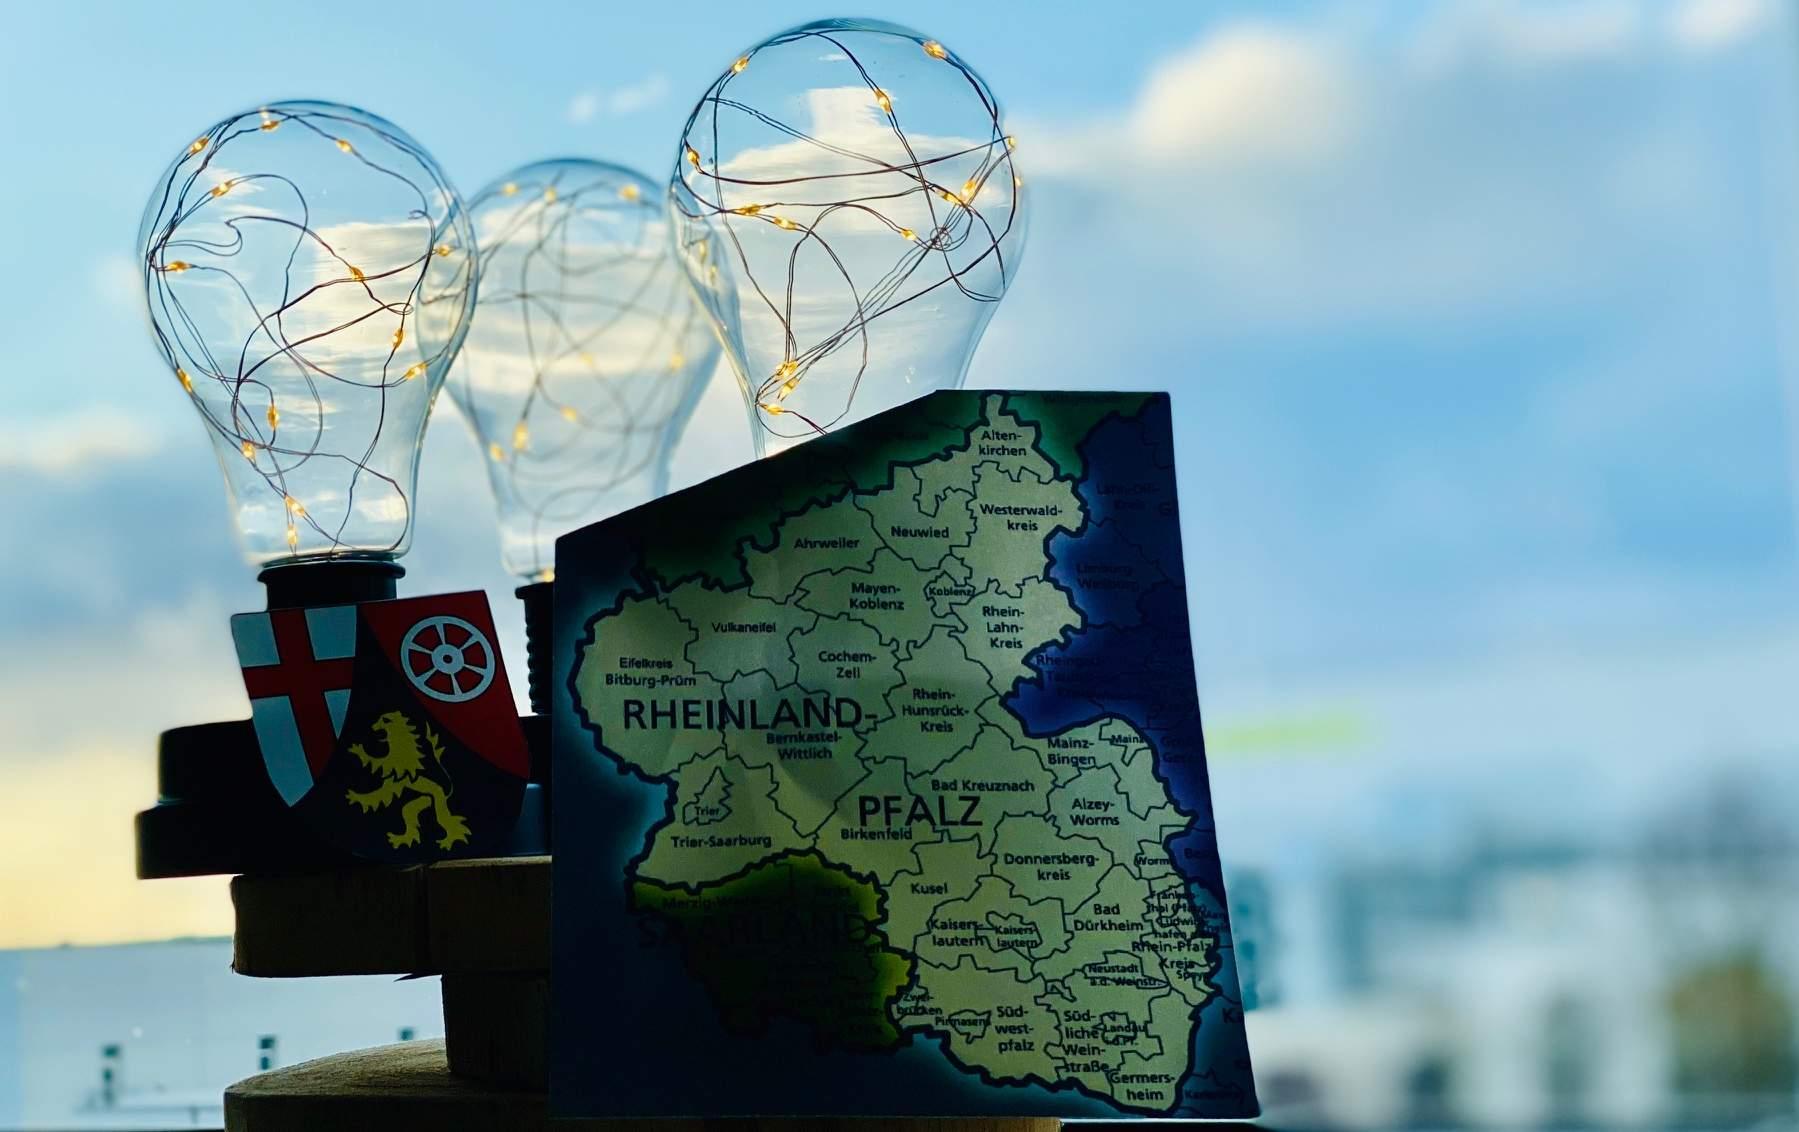 Rheinland-Pfalz - ein Bundesland mit viel Erfindergeist